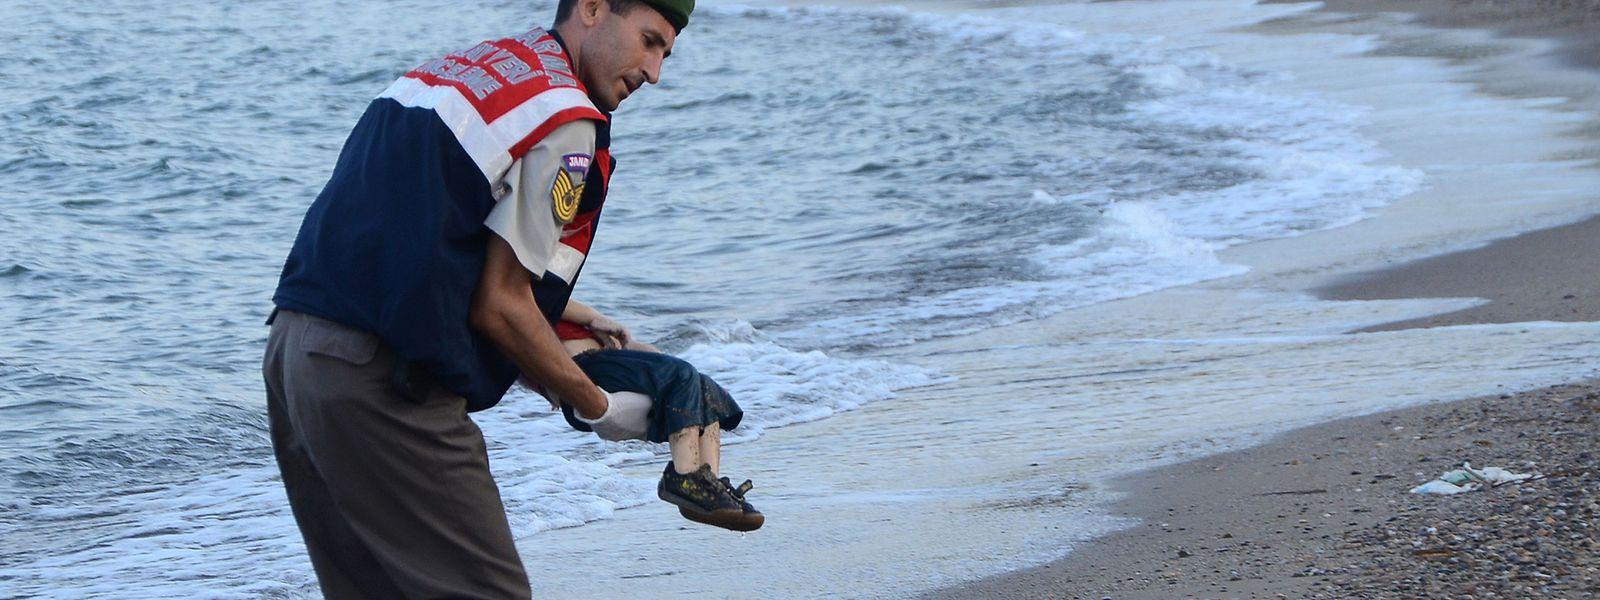 Am 2. September 2015 birgt ein türkischer Polizist bei Bodrum den Leichnam des zweijährigen Alan Kurdi.